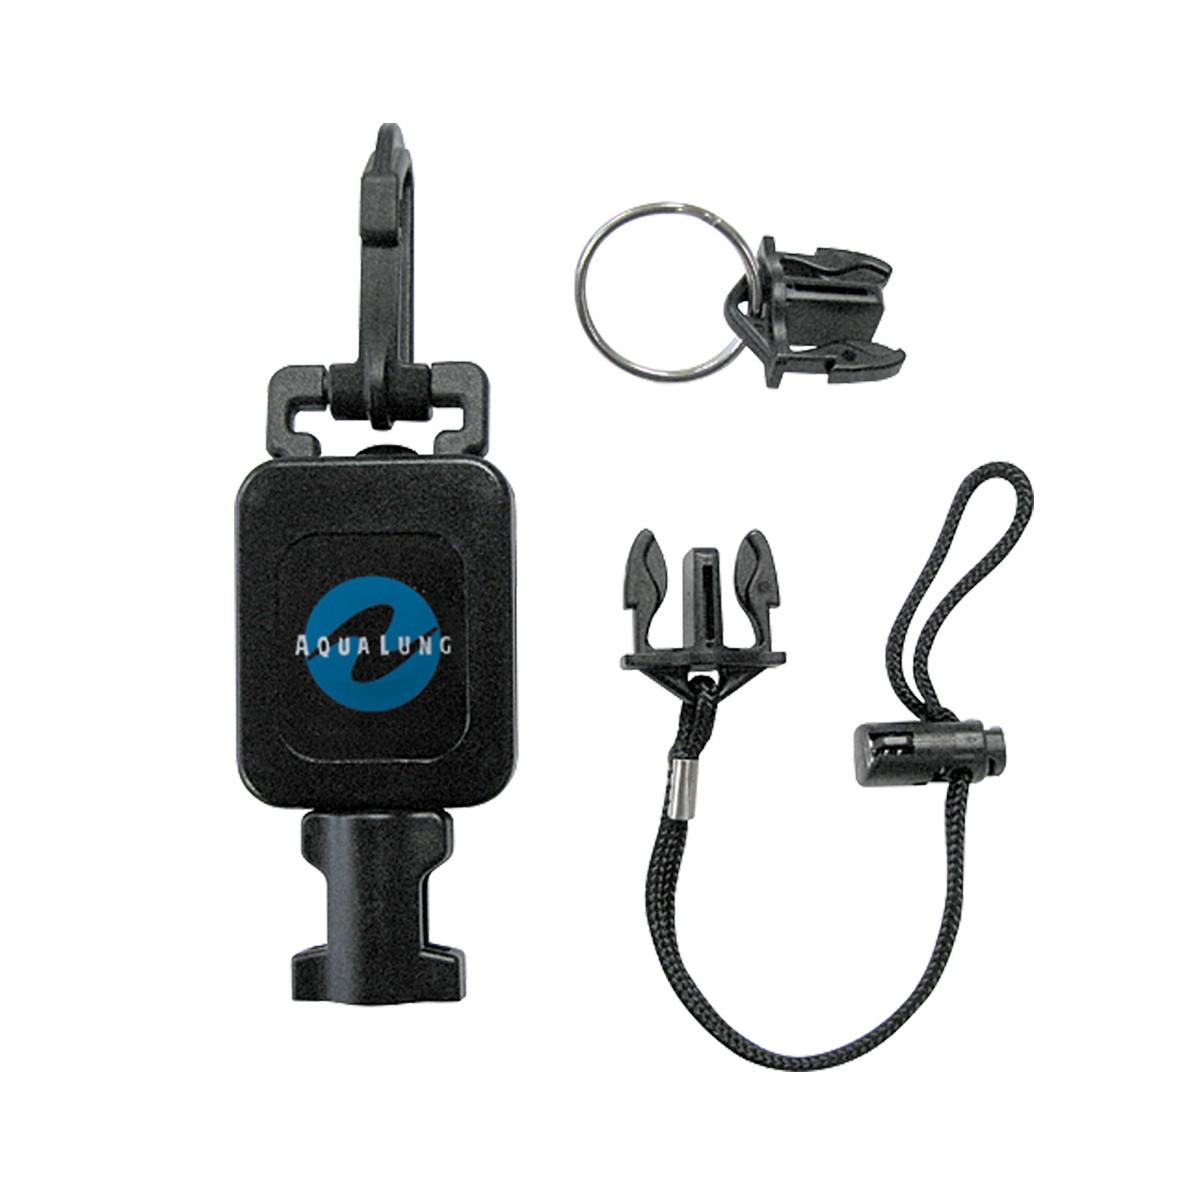 Aqua Lung Compact Retractor Kit